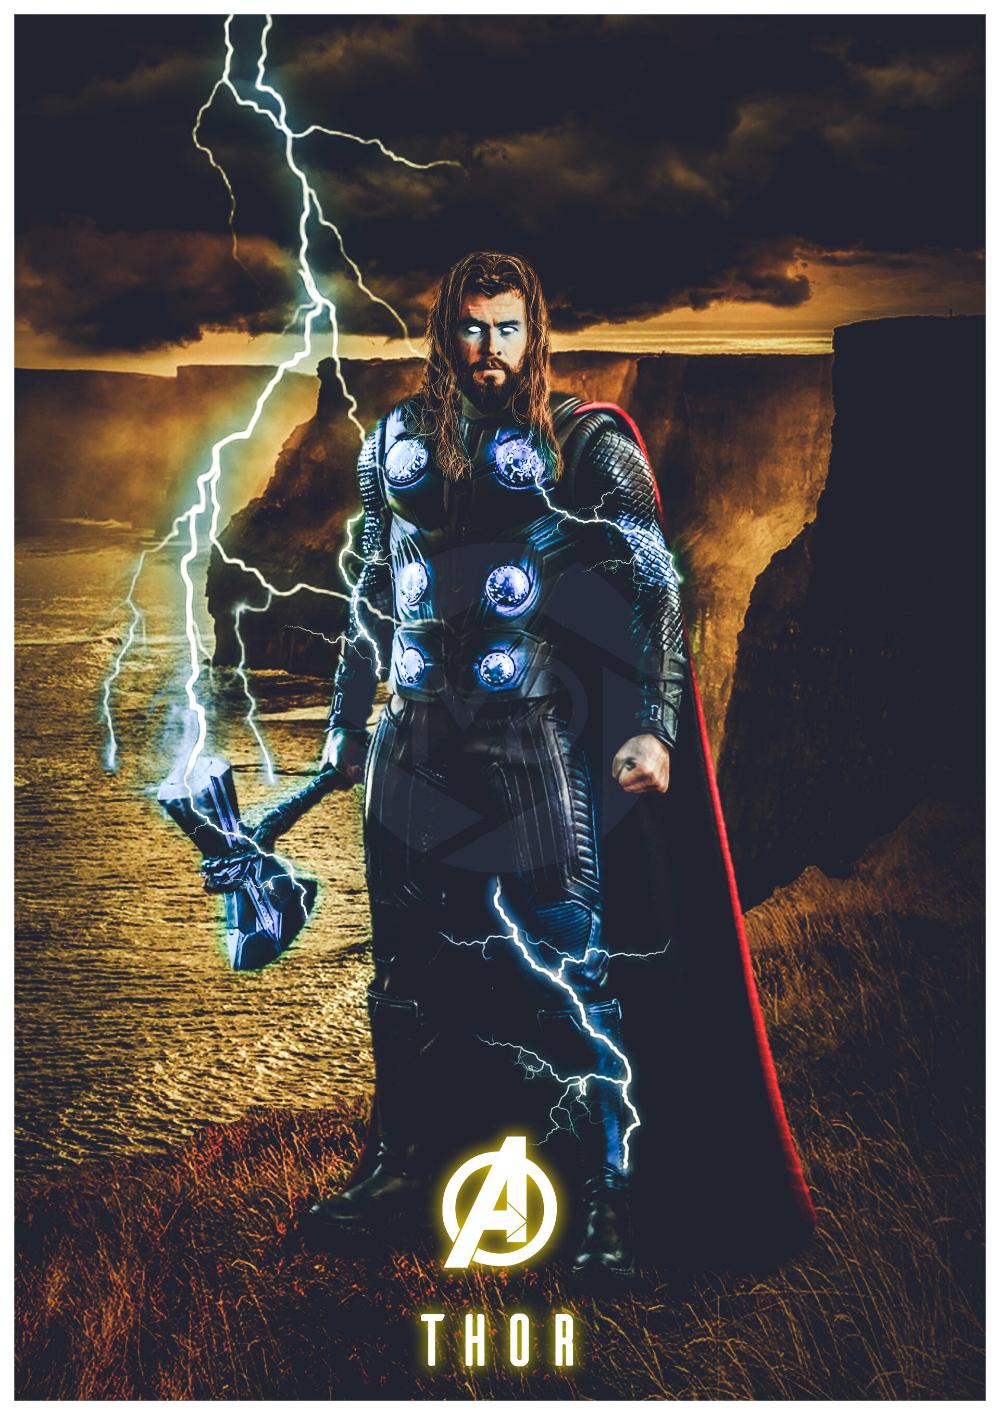 ArtStation Avengers Endgame Thor, MDesign Digital